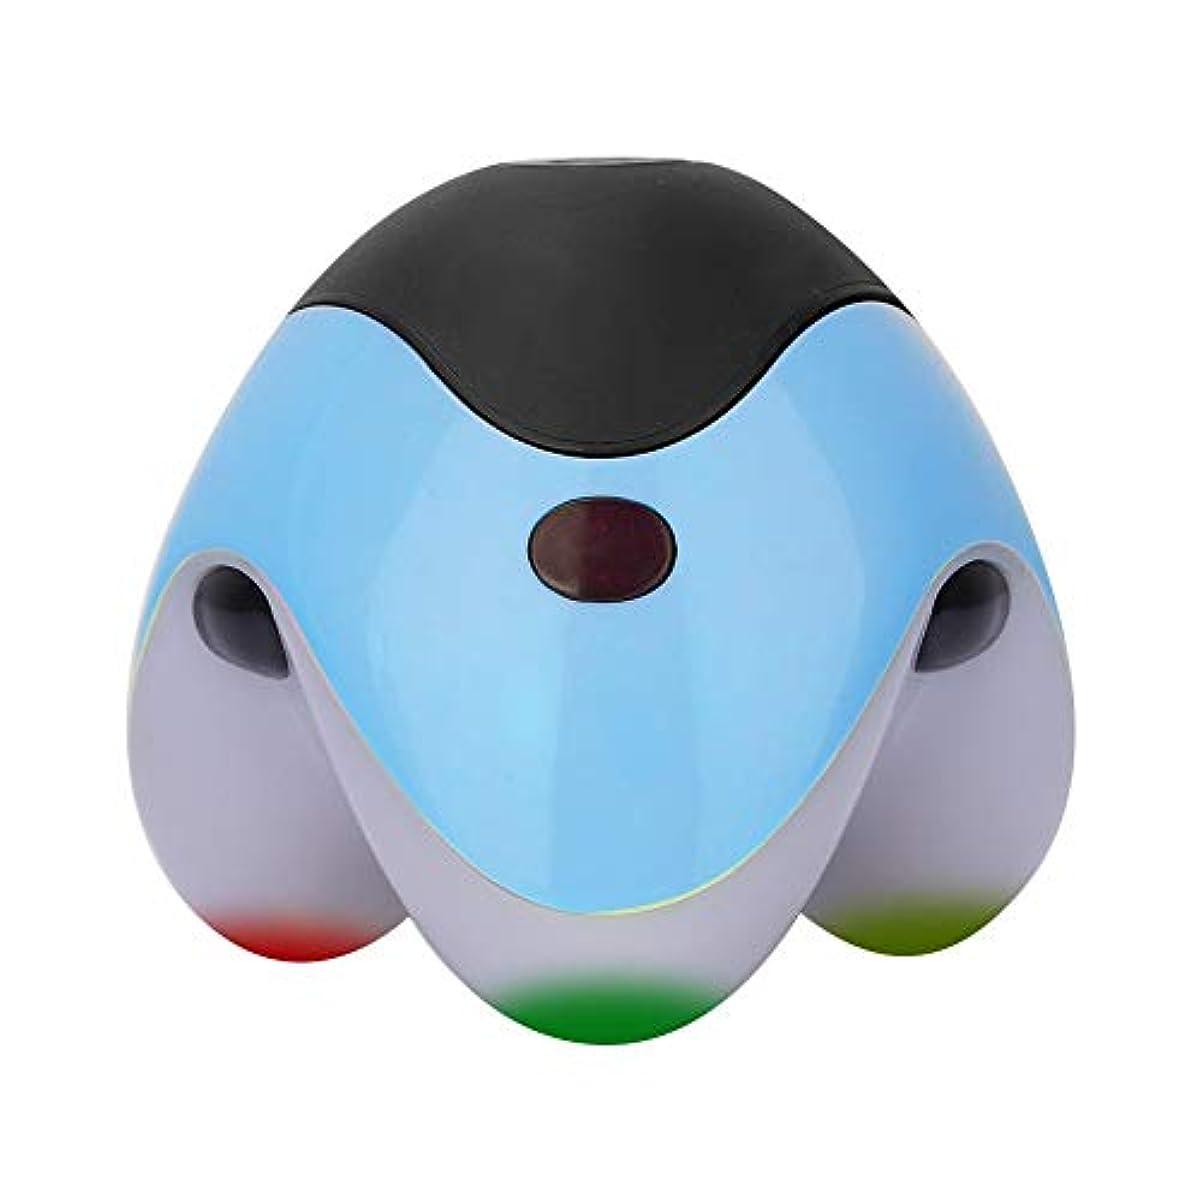 囲いとフォアマンNitrip ボディマッサージ ハンディマッサージャー ボティローラー 全身用 血行促進 疲労緩和 ストレス解消 ヘルスケア マッサージツール 携帯便利 4色(青)